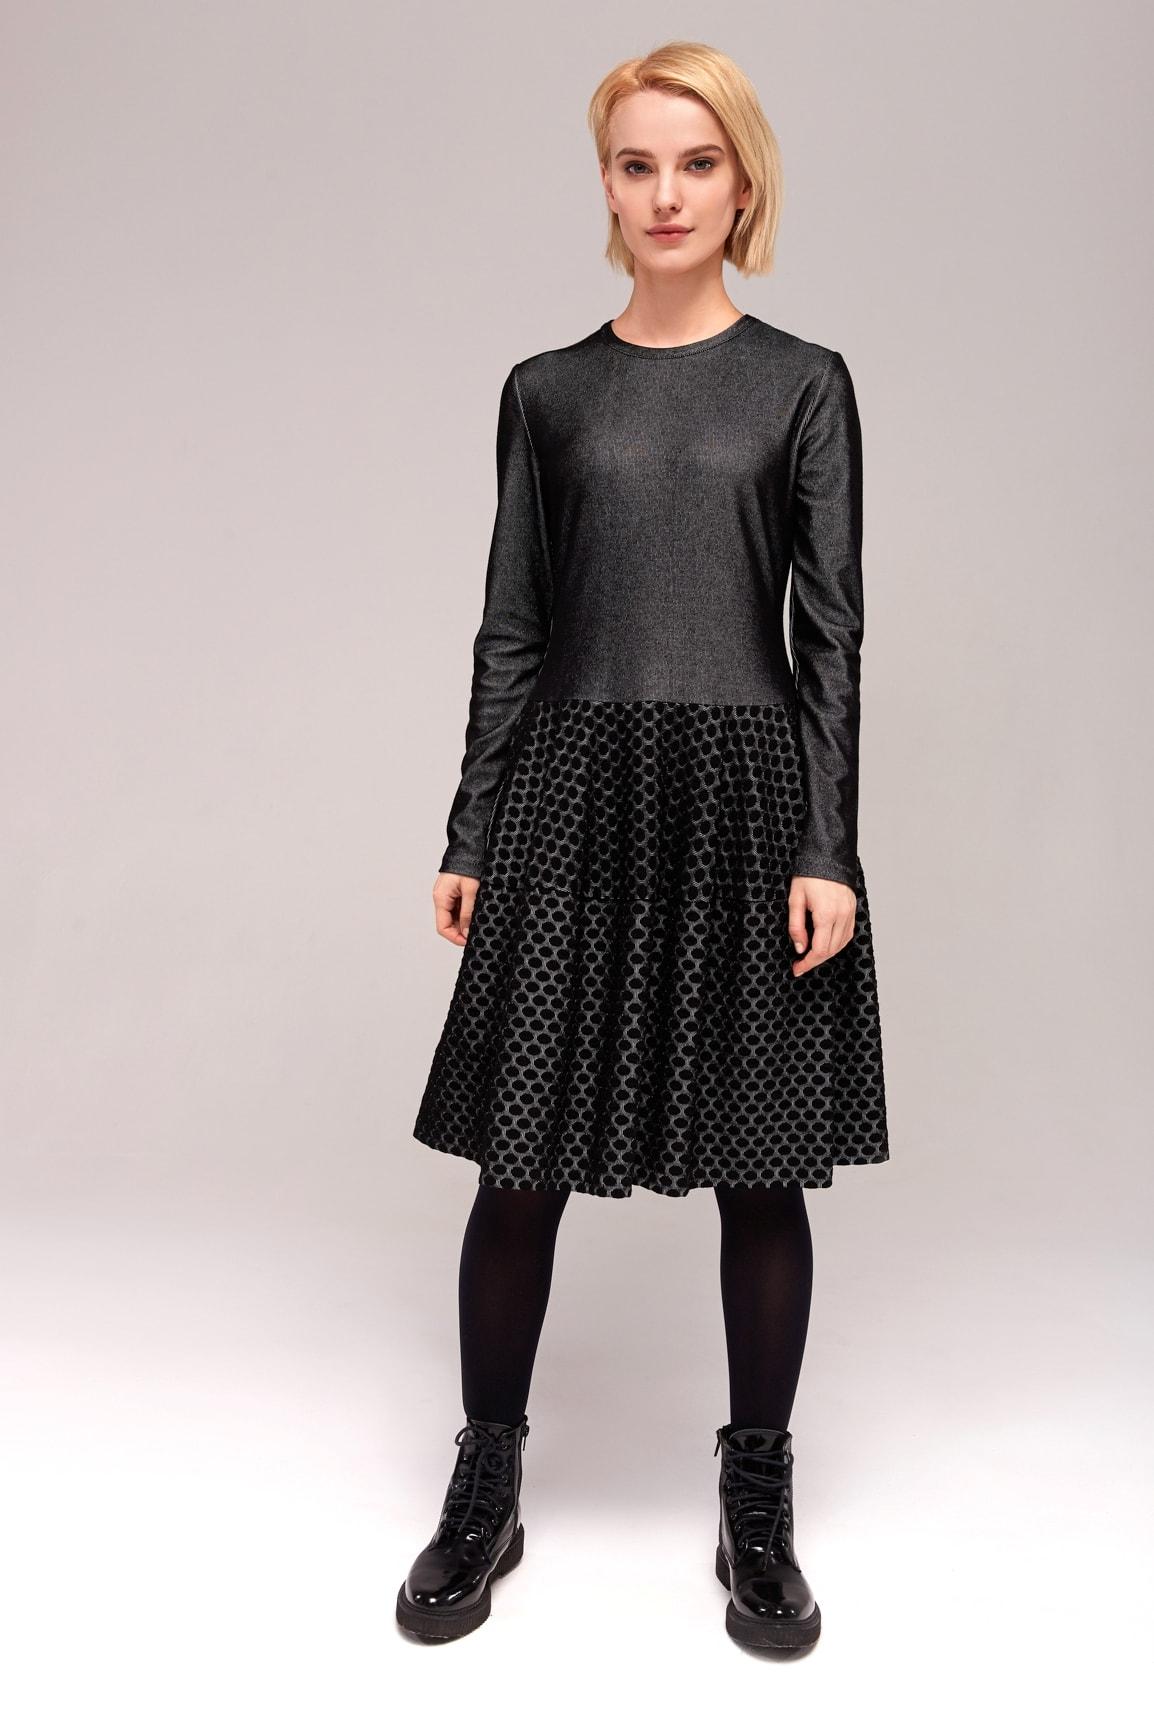 Красивое и очень стильное платье Top Desing B7 055